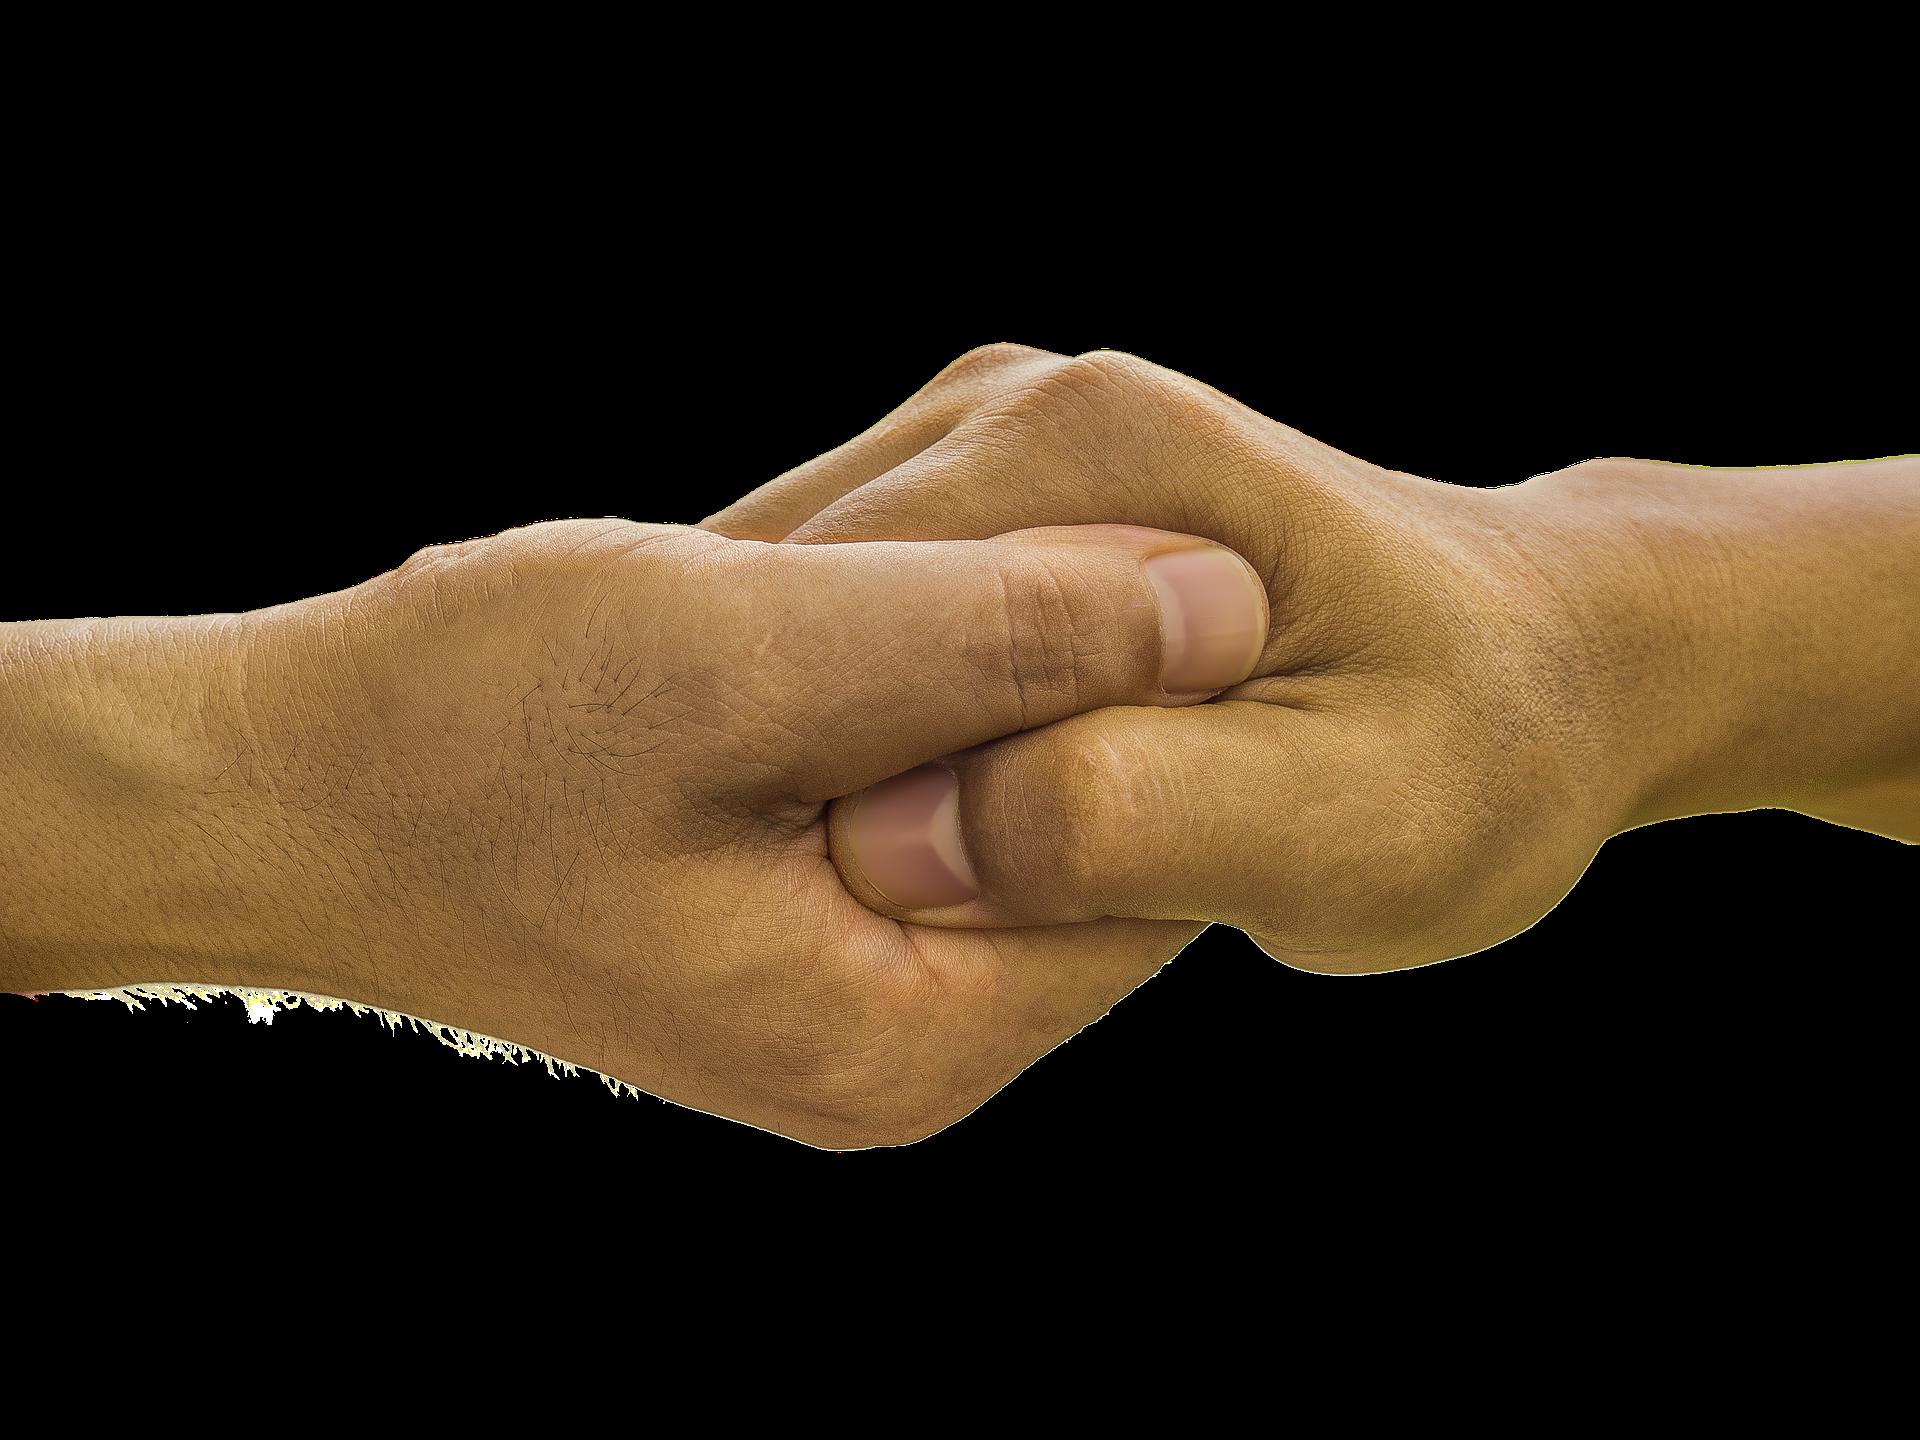 Mans unides per donar ajut Font: Pixabay